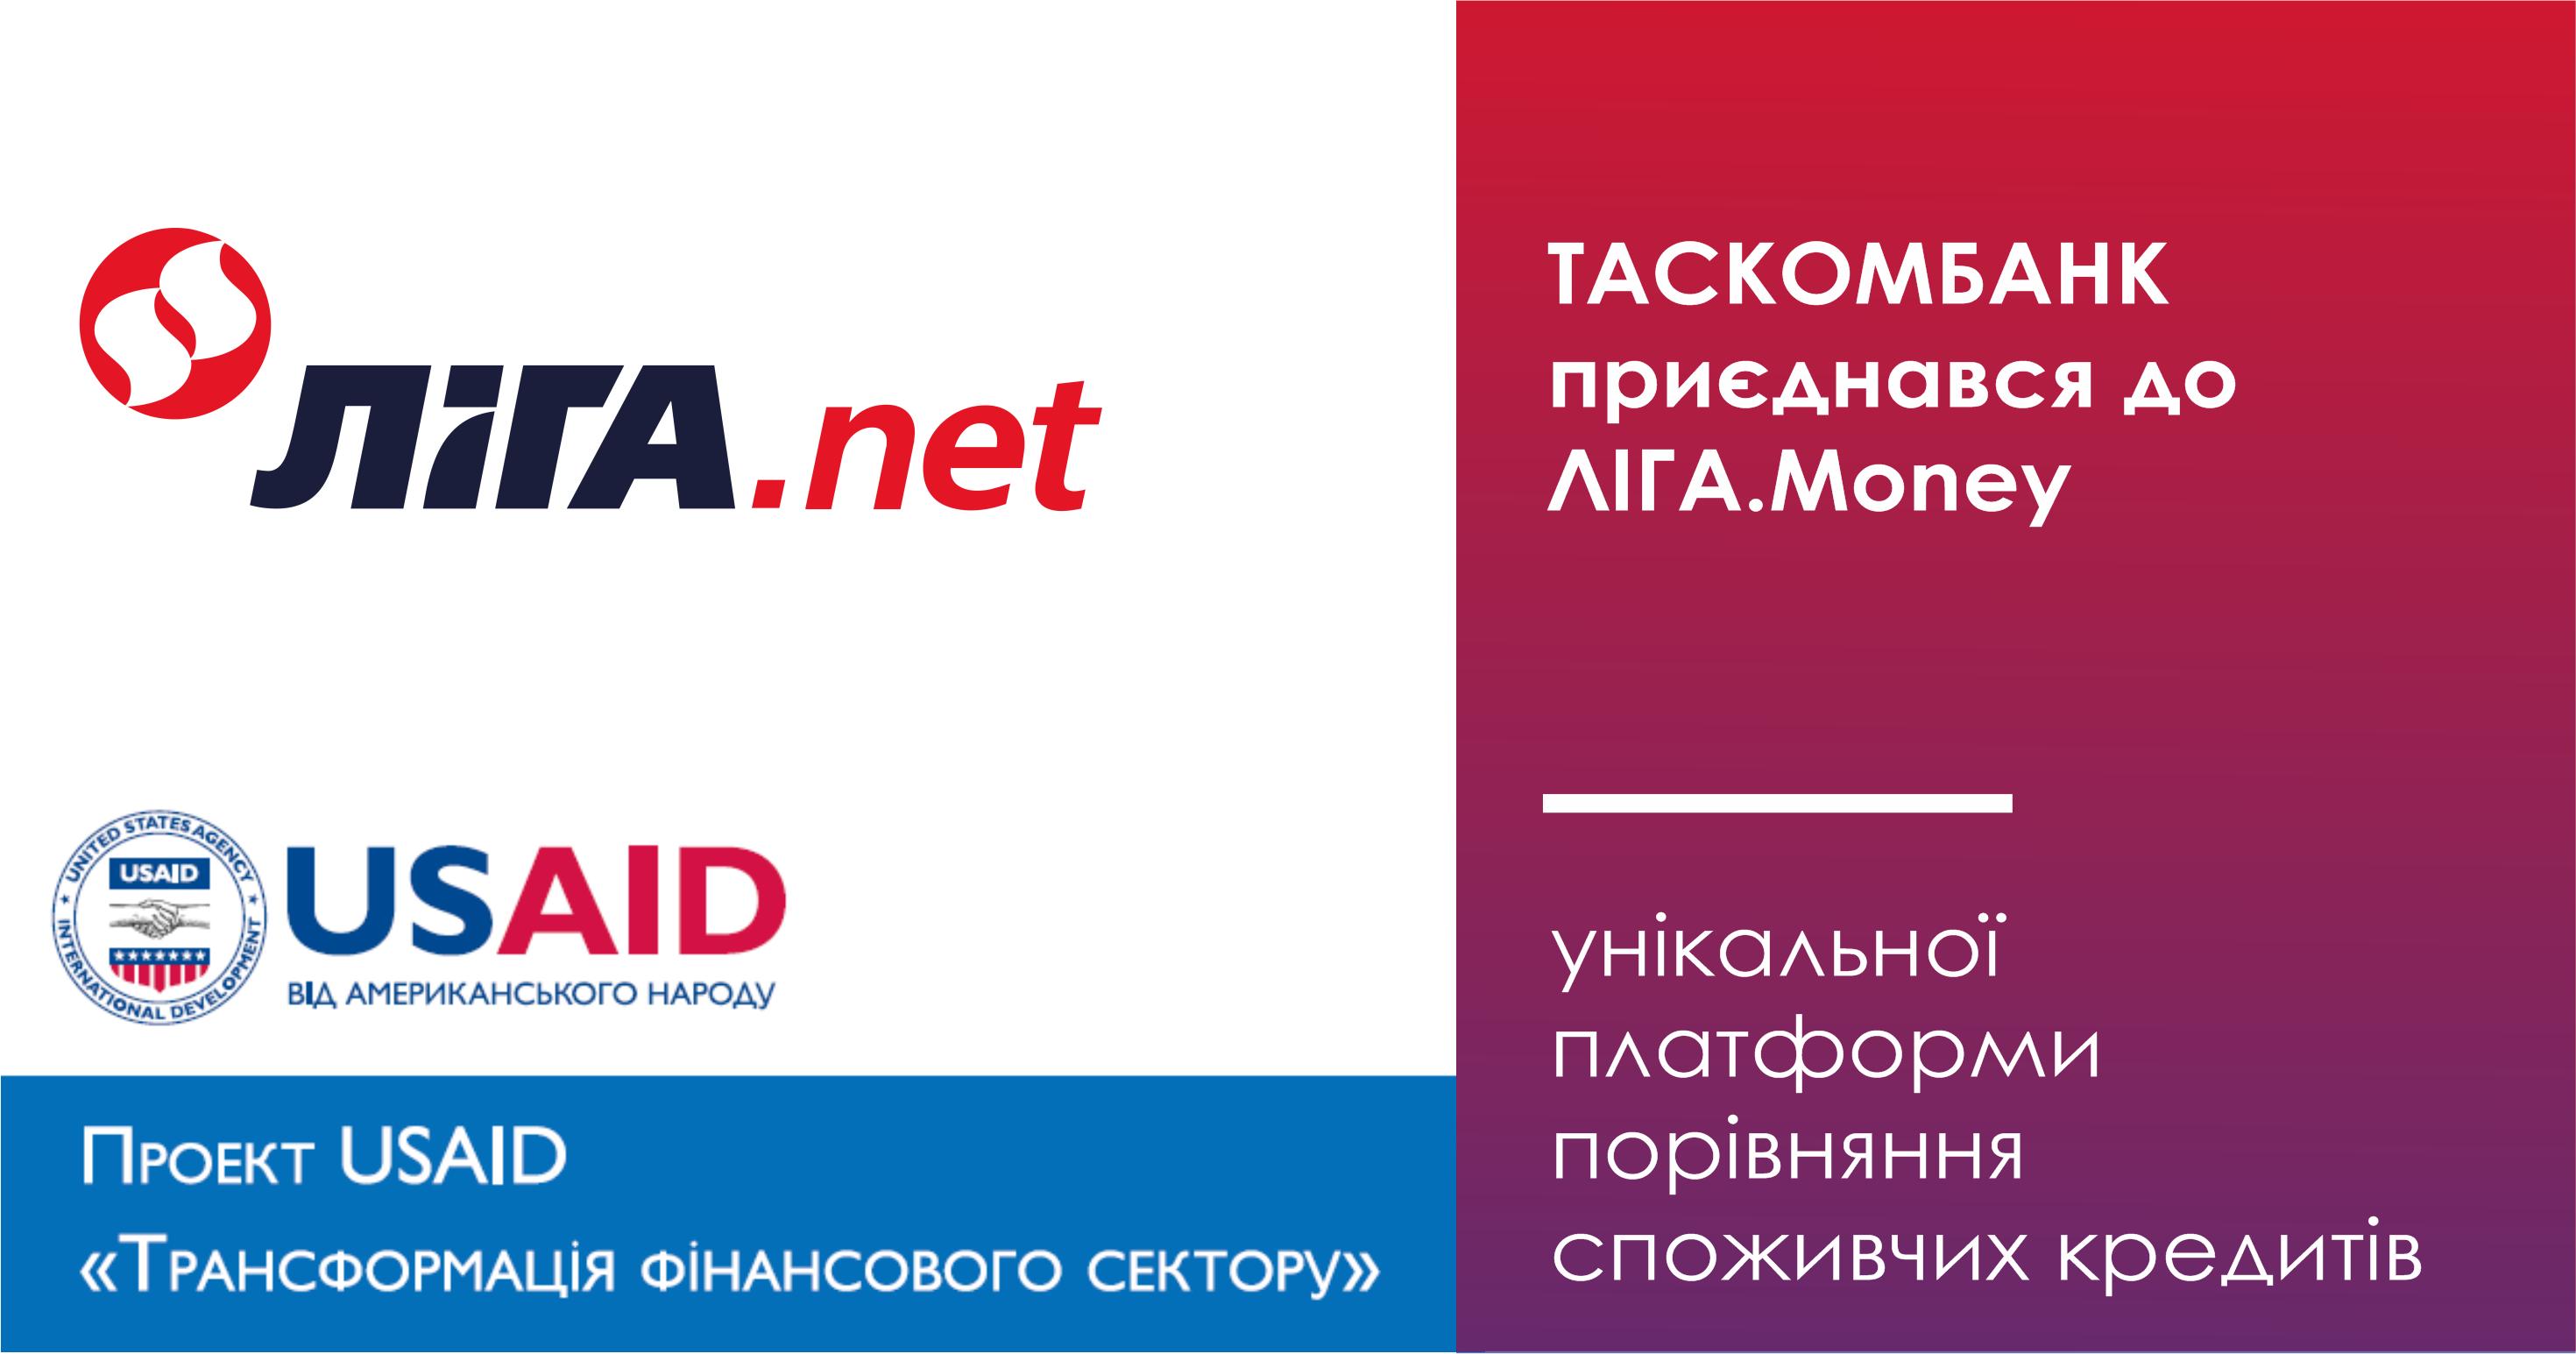 ТАСКОМБАНК та ще п'ять банків першими приєдналися до ЛІГА.Money – унікальної платформи порівняння споживчих кредитів